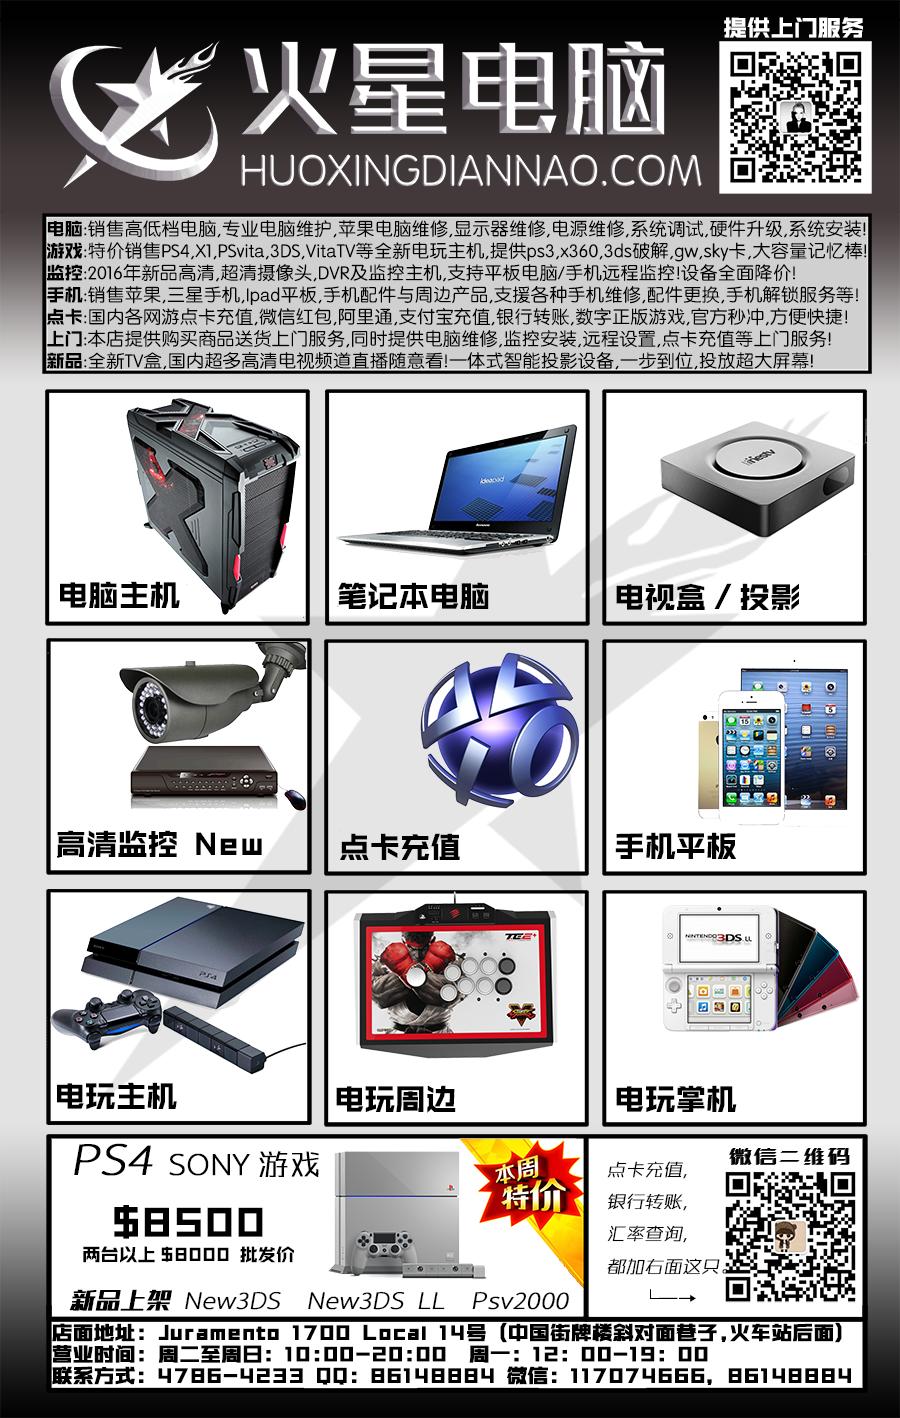 火星电脑2016周刊广告